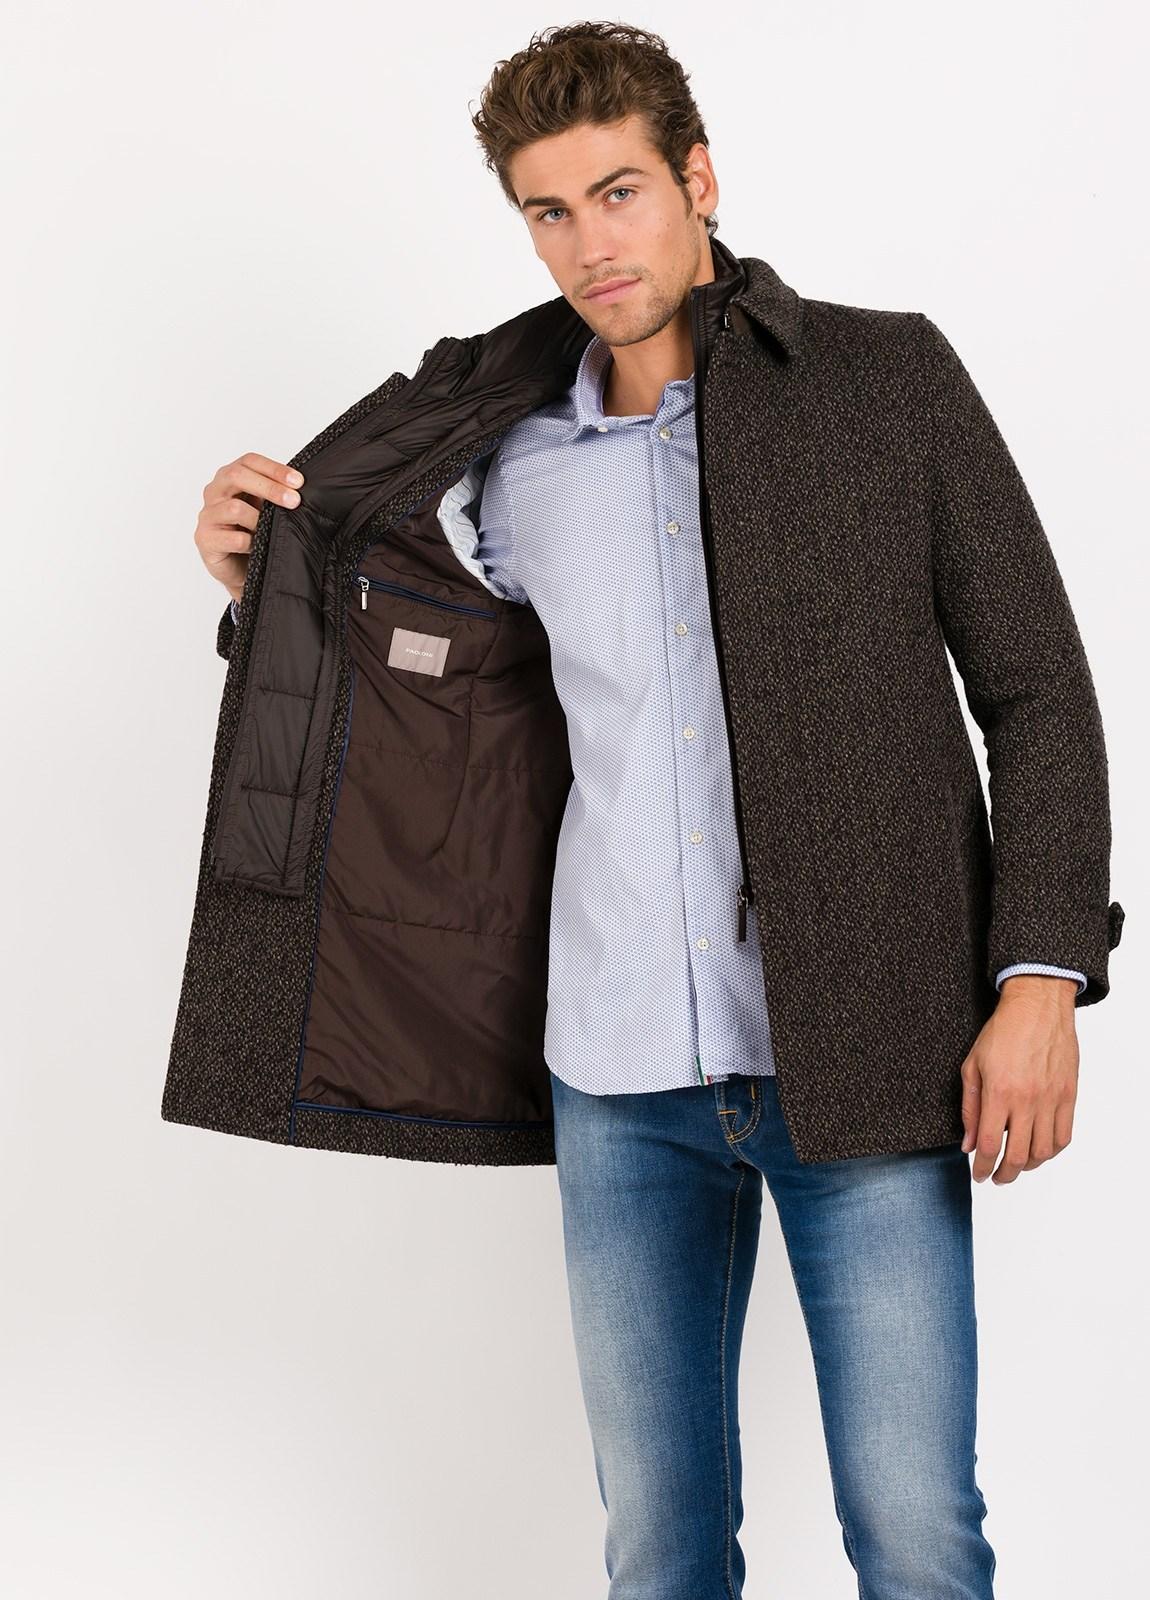 Abrigo corto con pecherin, color marrón jaspeado. 55% Lana, 24% PA, 14% Acri. 4% Pol, 3% Alpaca. - Ítem1